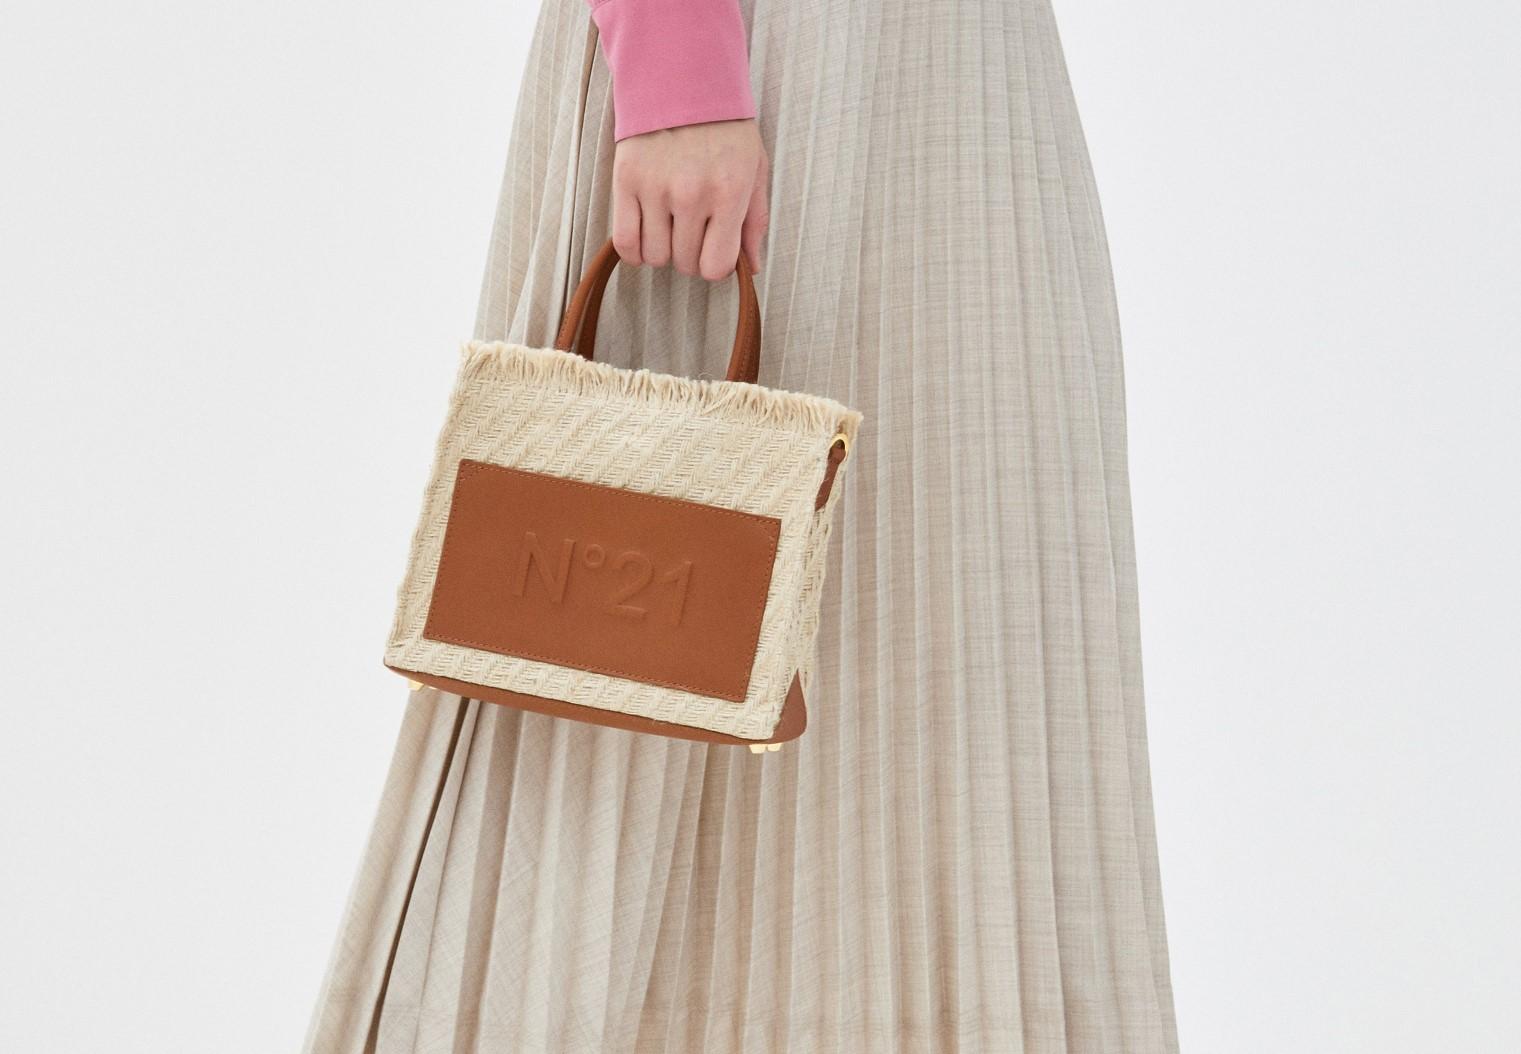 Модная сумка из текстиля с отделкой из натуральной кожи